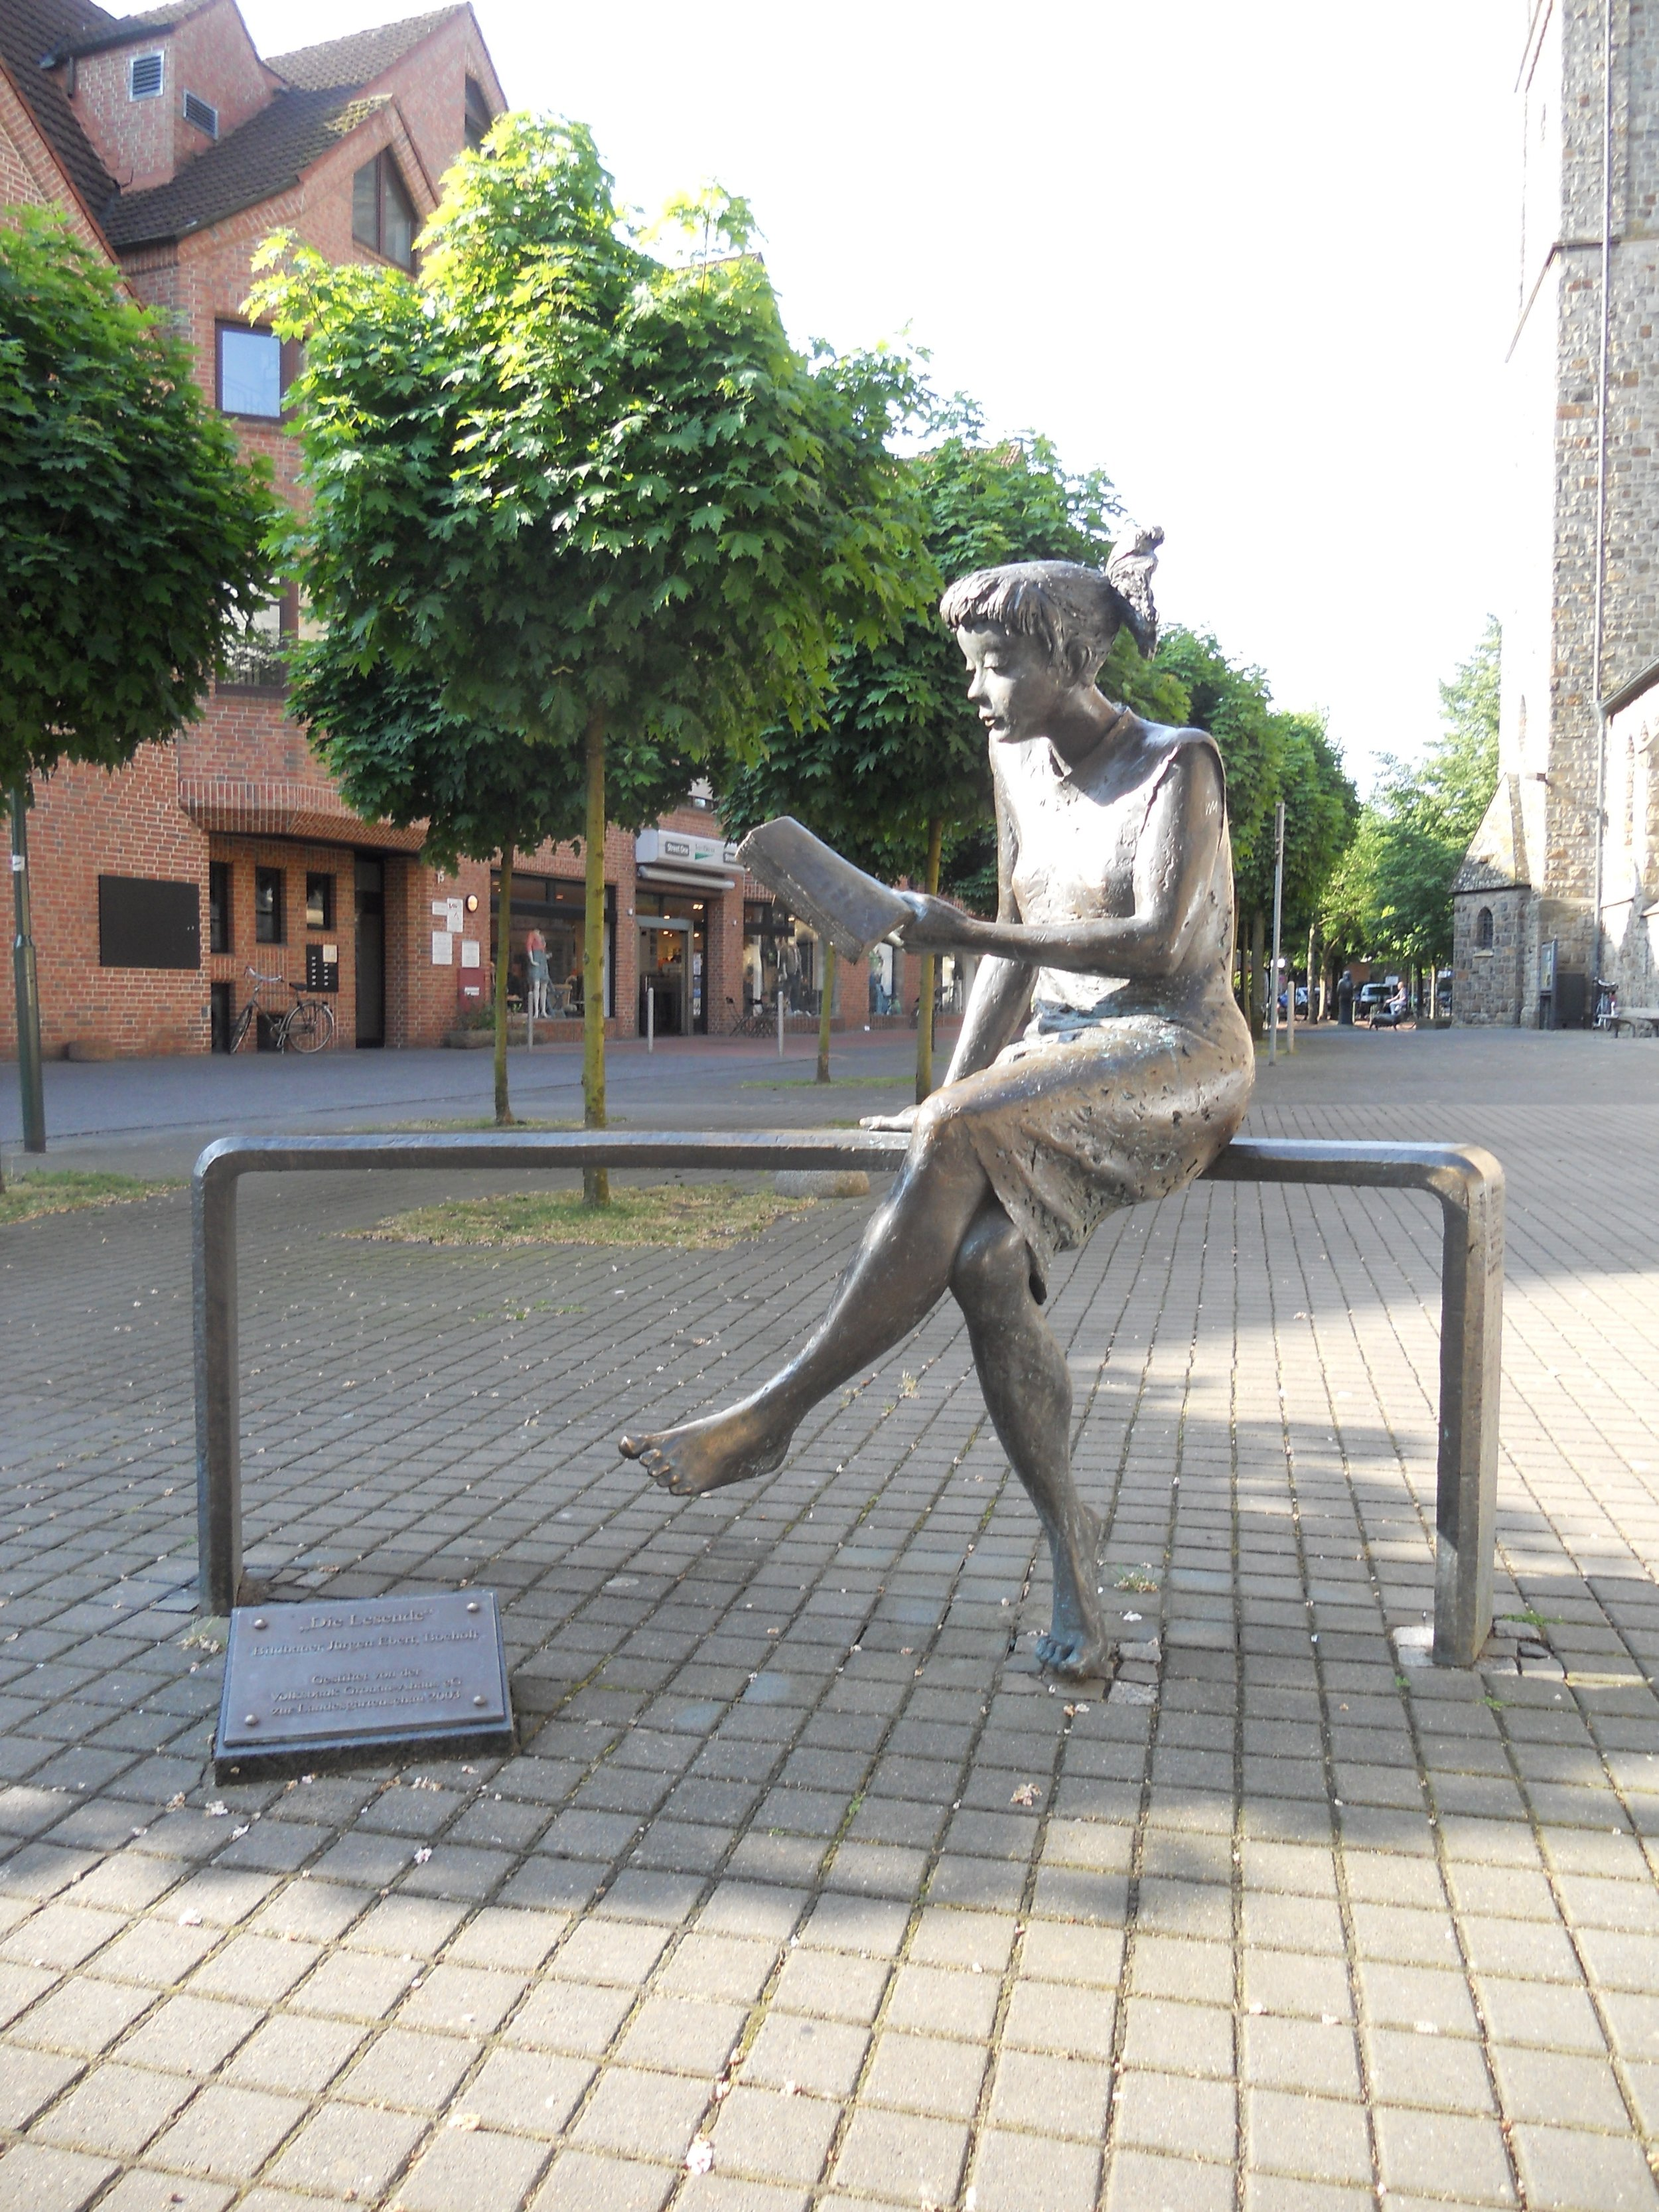 Pienikin teos voi muodostaa ilahduttavan maamerkin, josta paikka muistetaan. Teos: Die Lesende, Juergen Ebert, Gronau (Westfalen) (Wikimedia Commons)